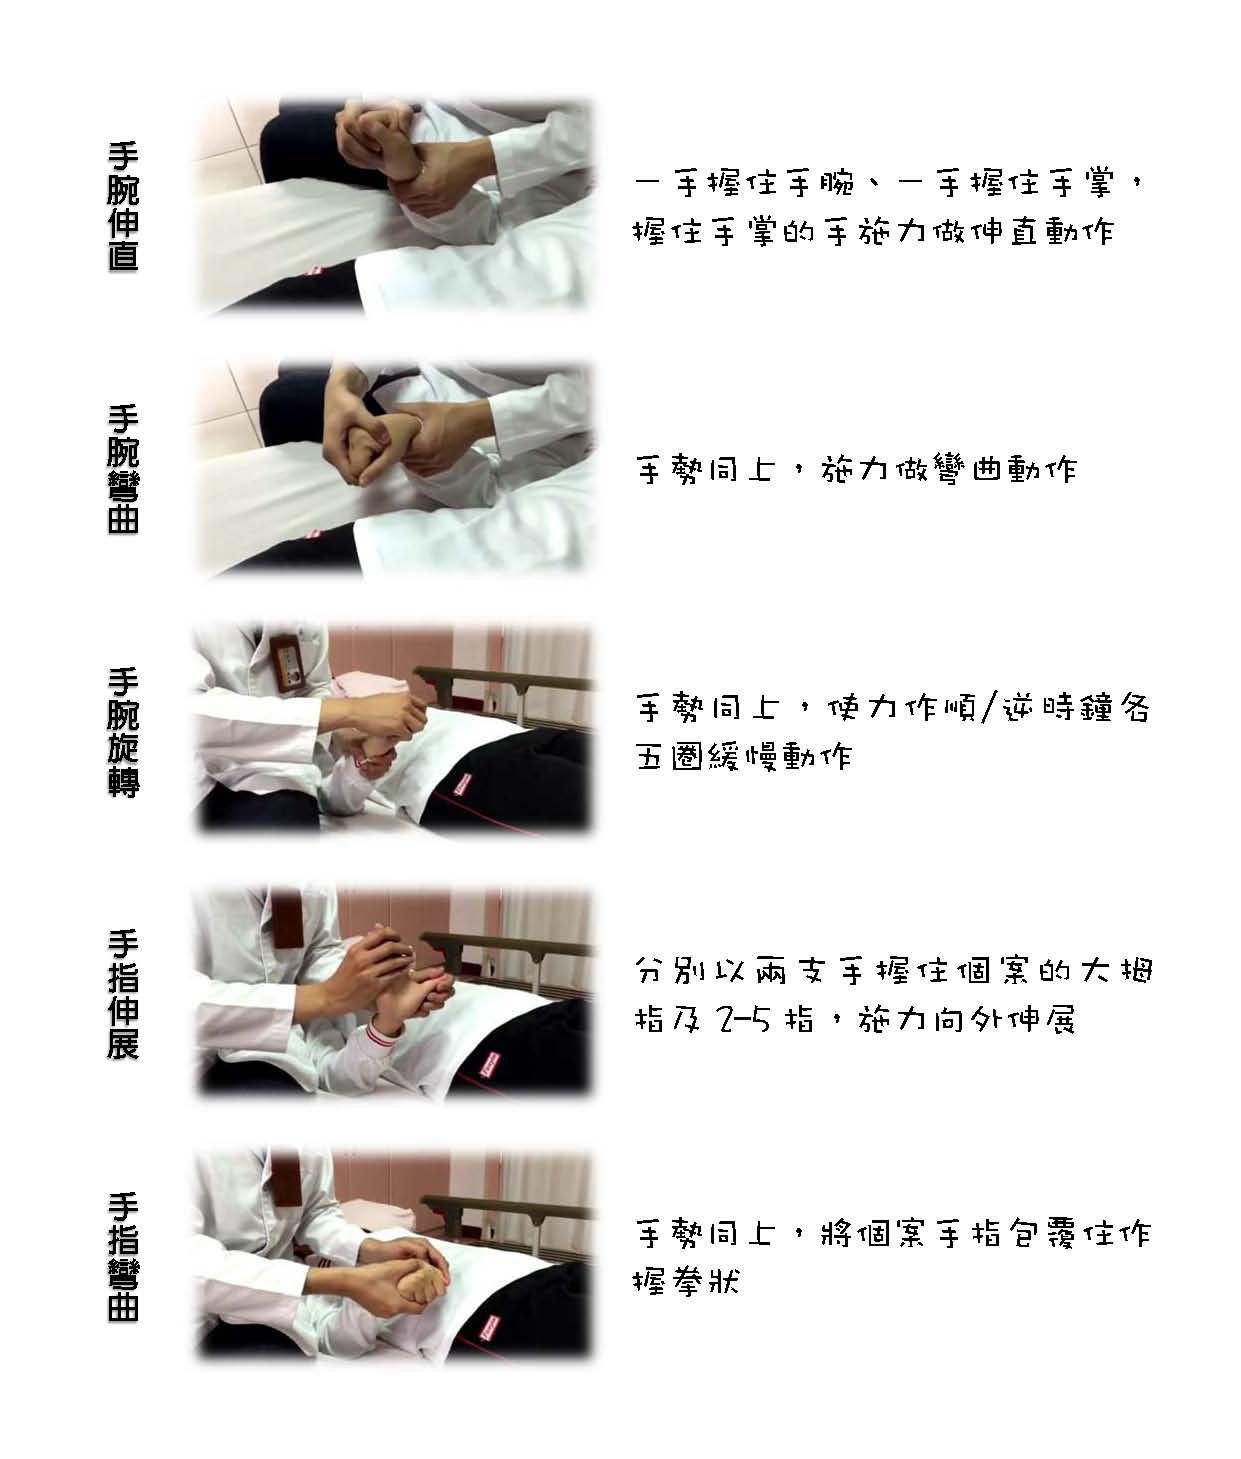 PROM_頁面_3